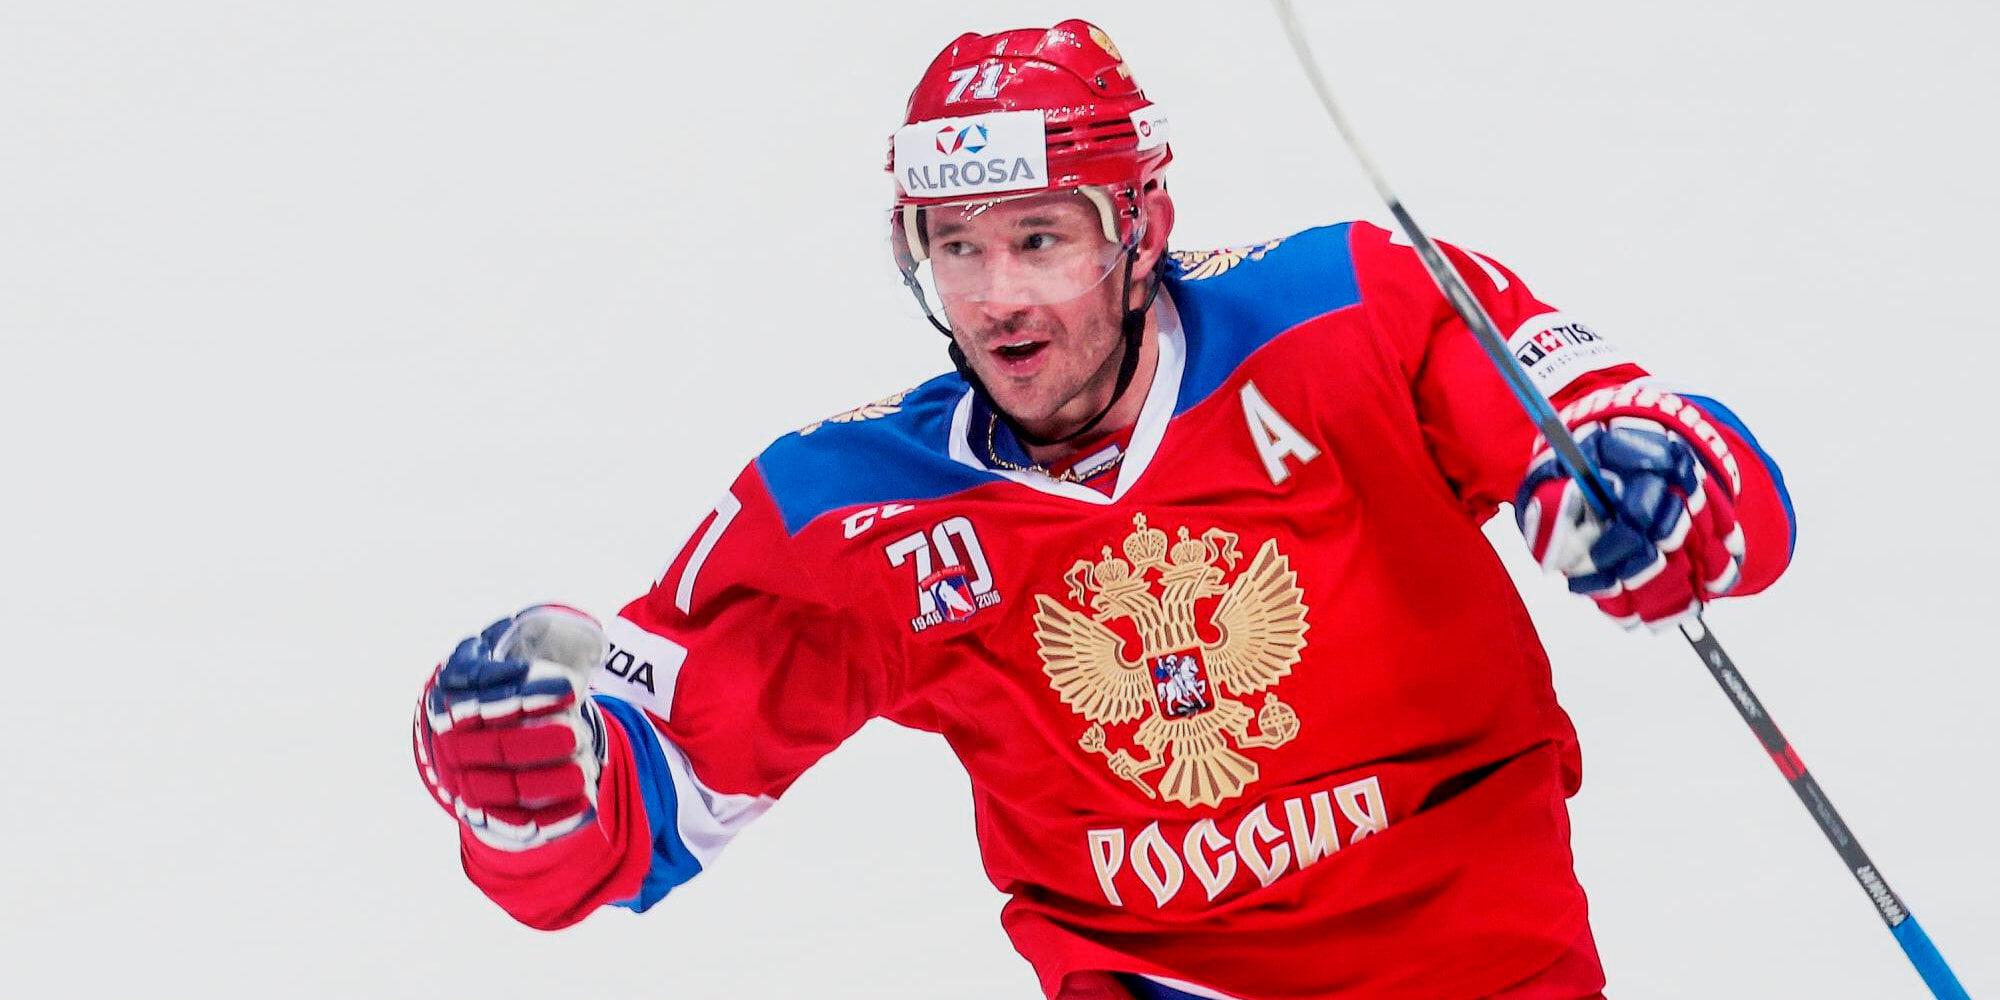 Ковальчук будет генменеджером сборной России на ОИ-2022. Кудашов, Федоров, Гончар и Набоков вошли в тренерский штаб